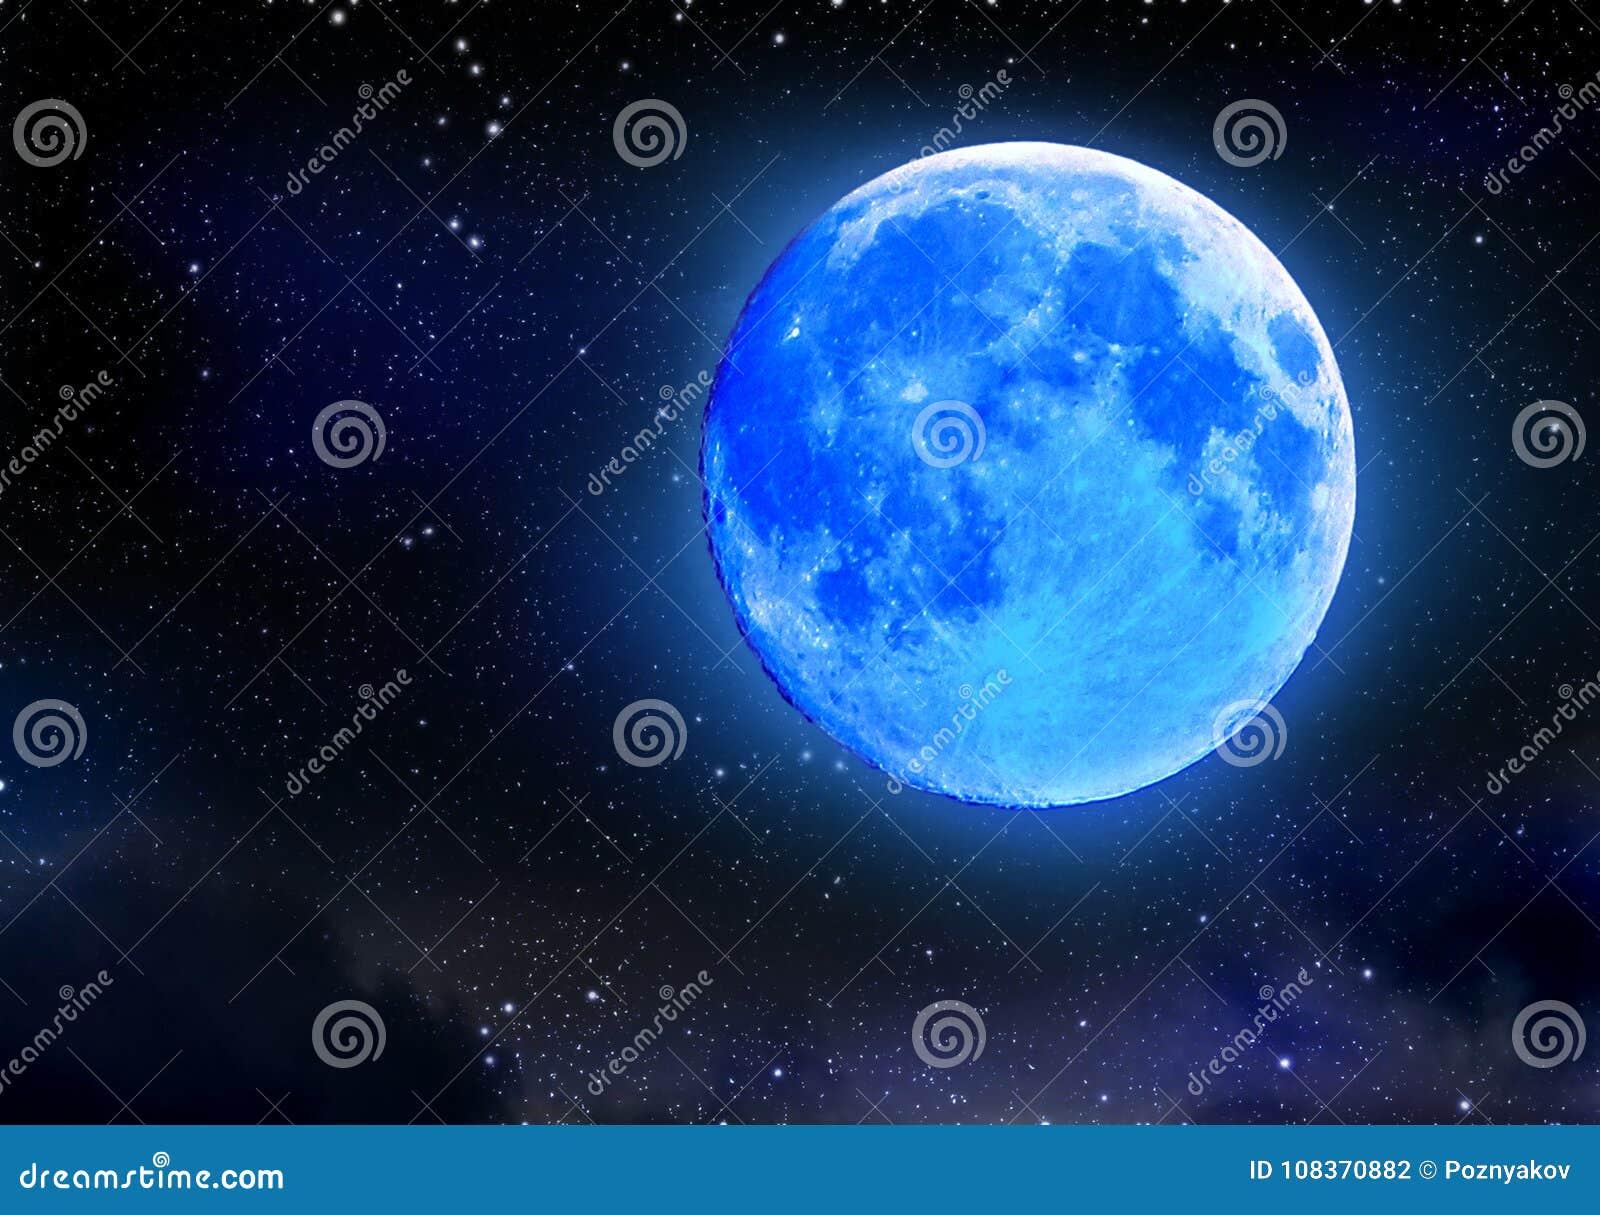 Blue Dream Cielo Stellato Costo.Eclissi Della Luna Blu Sul Cielo Stellato Di Notte Fenomeno Naturale